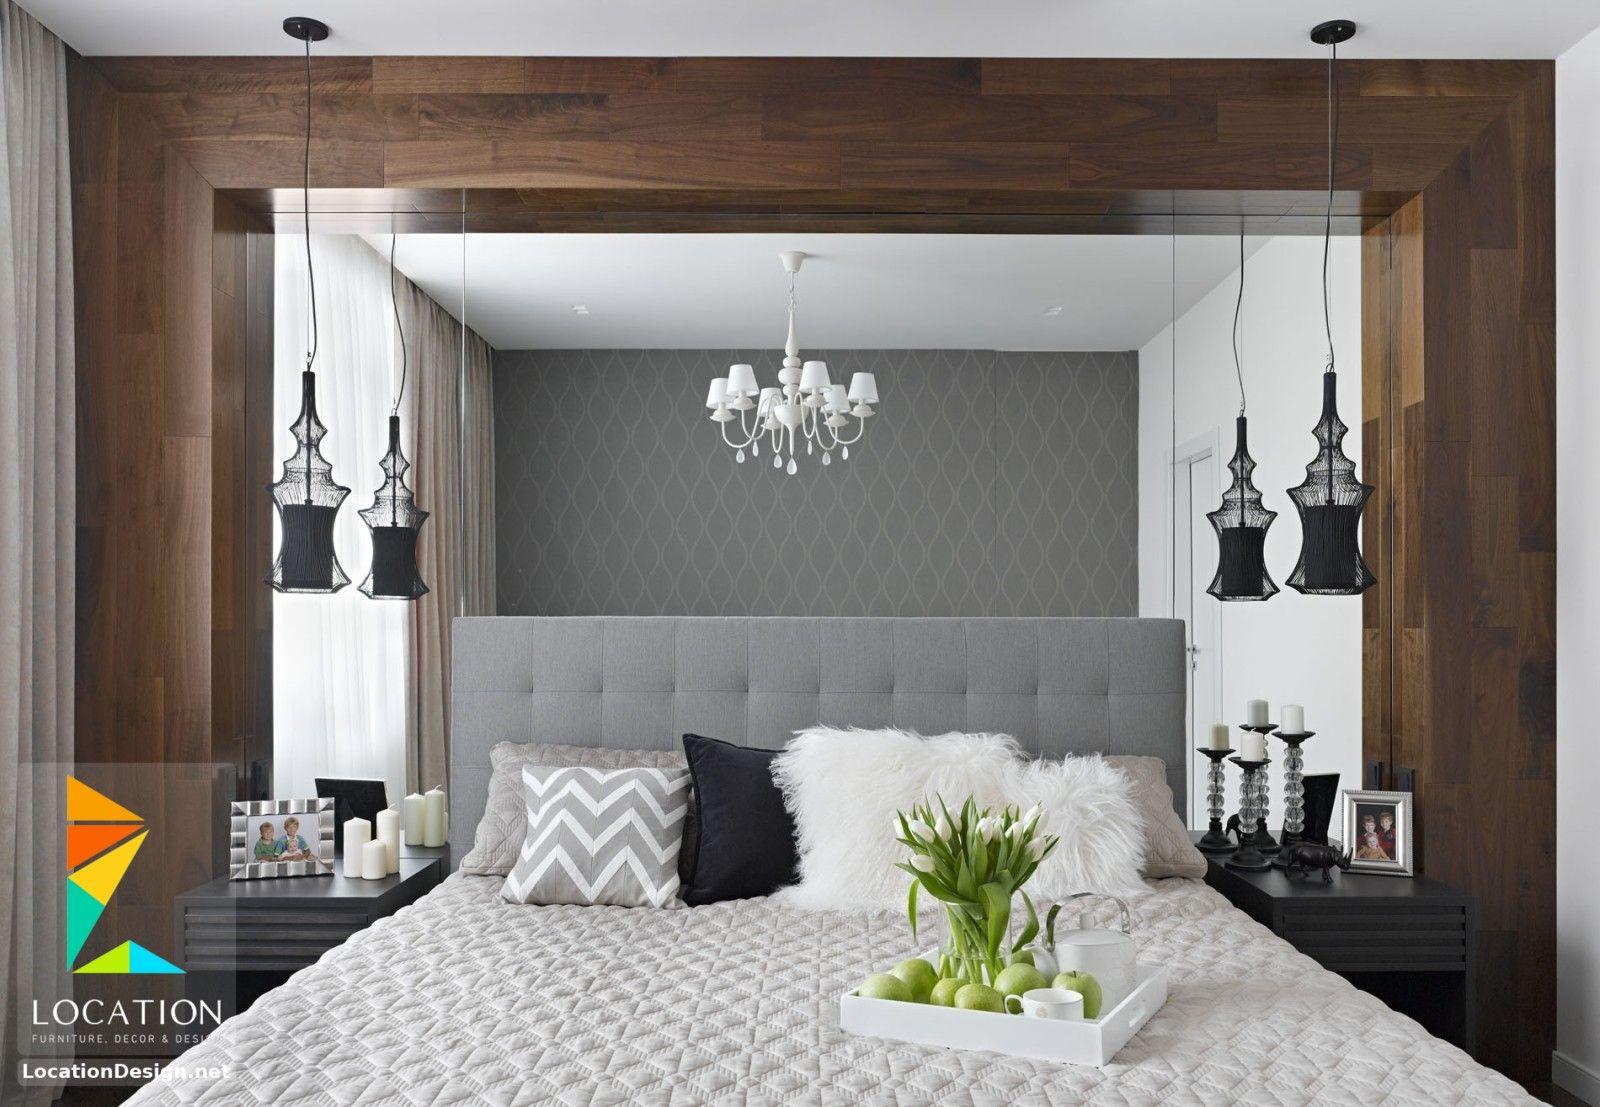 ديكورات غرف نوم صغيرة وبسيطة لوكشين ديزين نت Contemporary Bedroom Small Bedroom Decor Narrow Bedroom